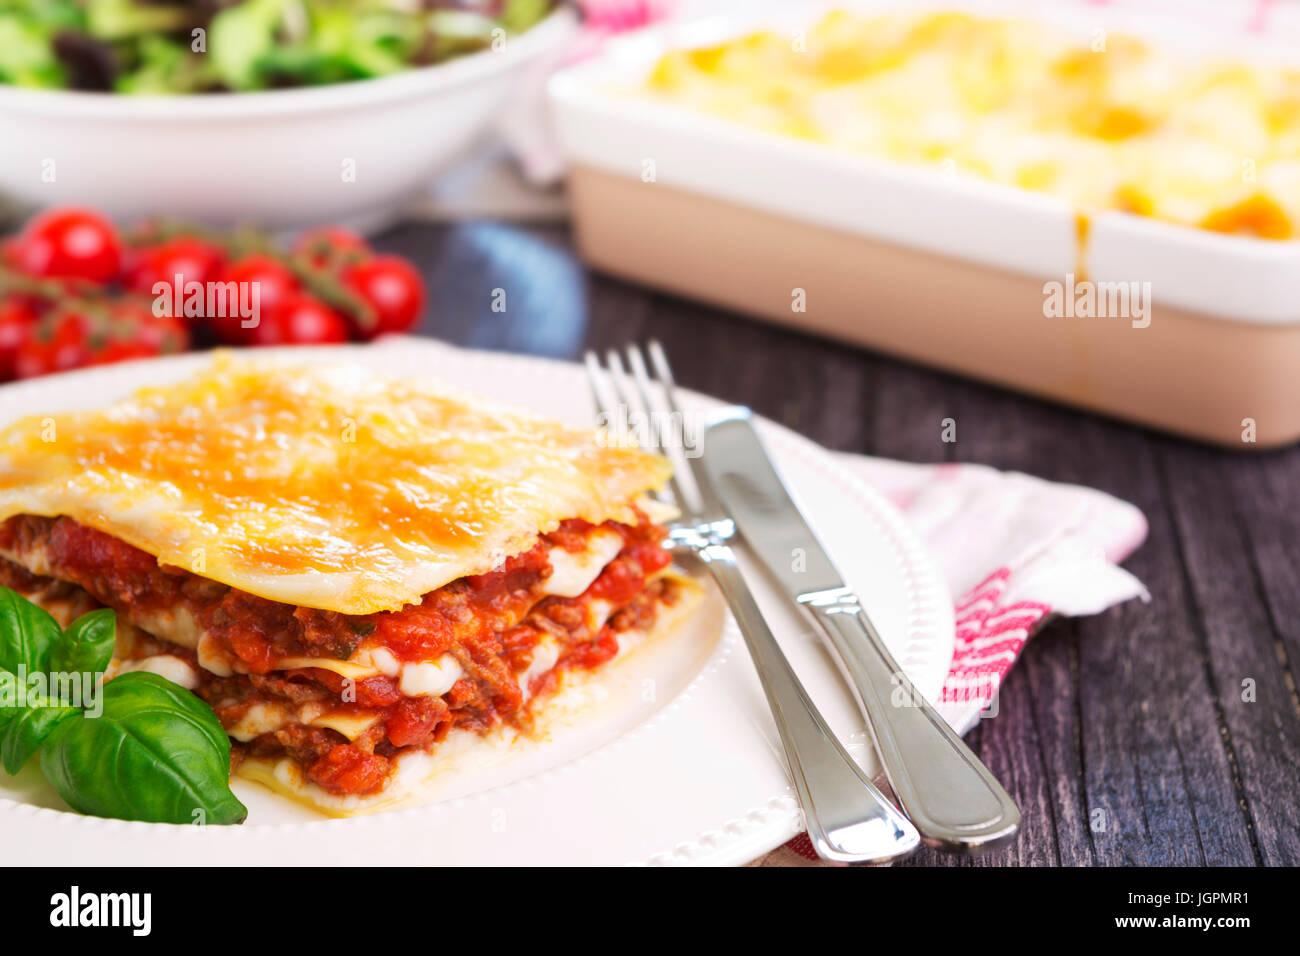 Una porzione di lasagne fatte in casa su una piastra su un luminoso tabella. Immagini Stock